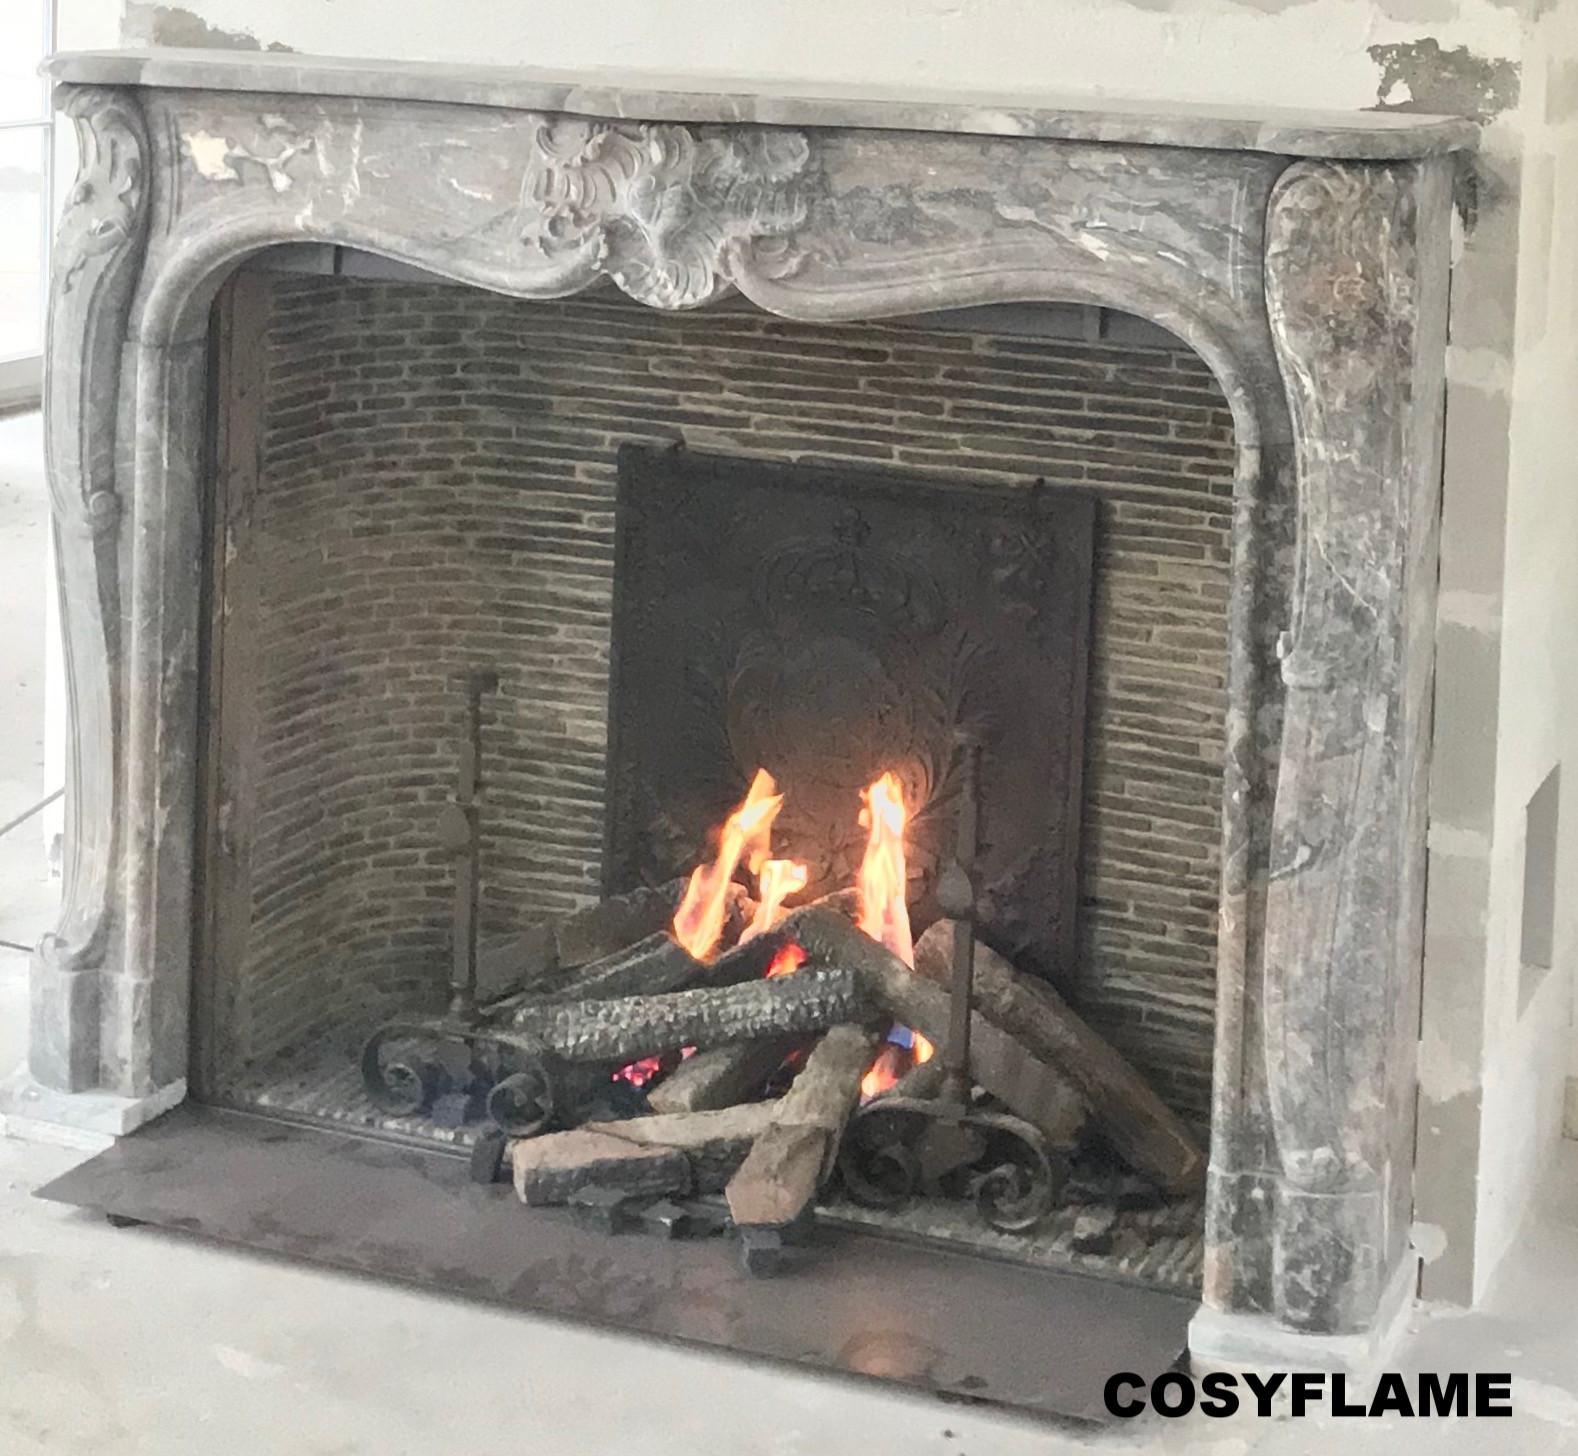 Cosyflame-Haardplaat-file3-2.jpeg